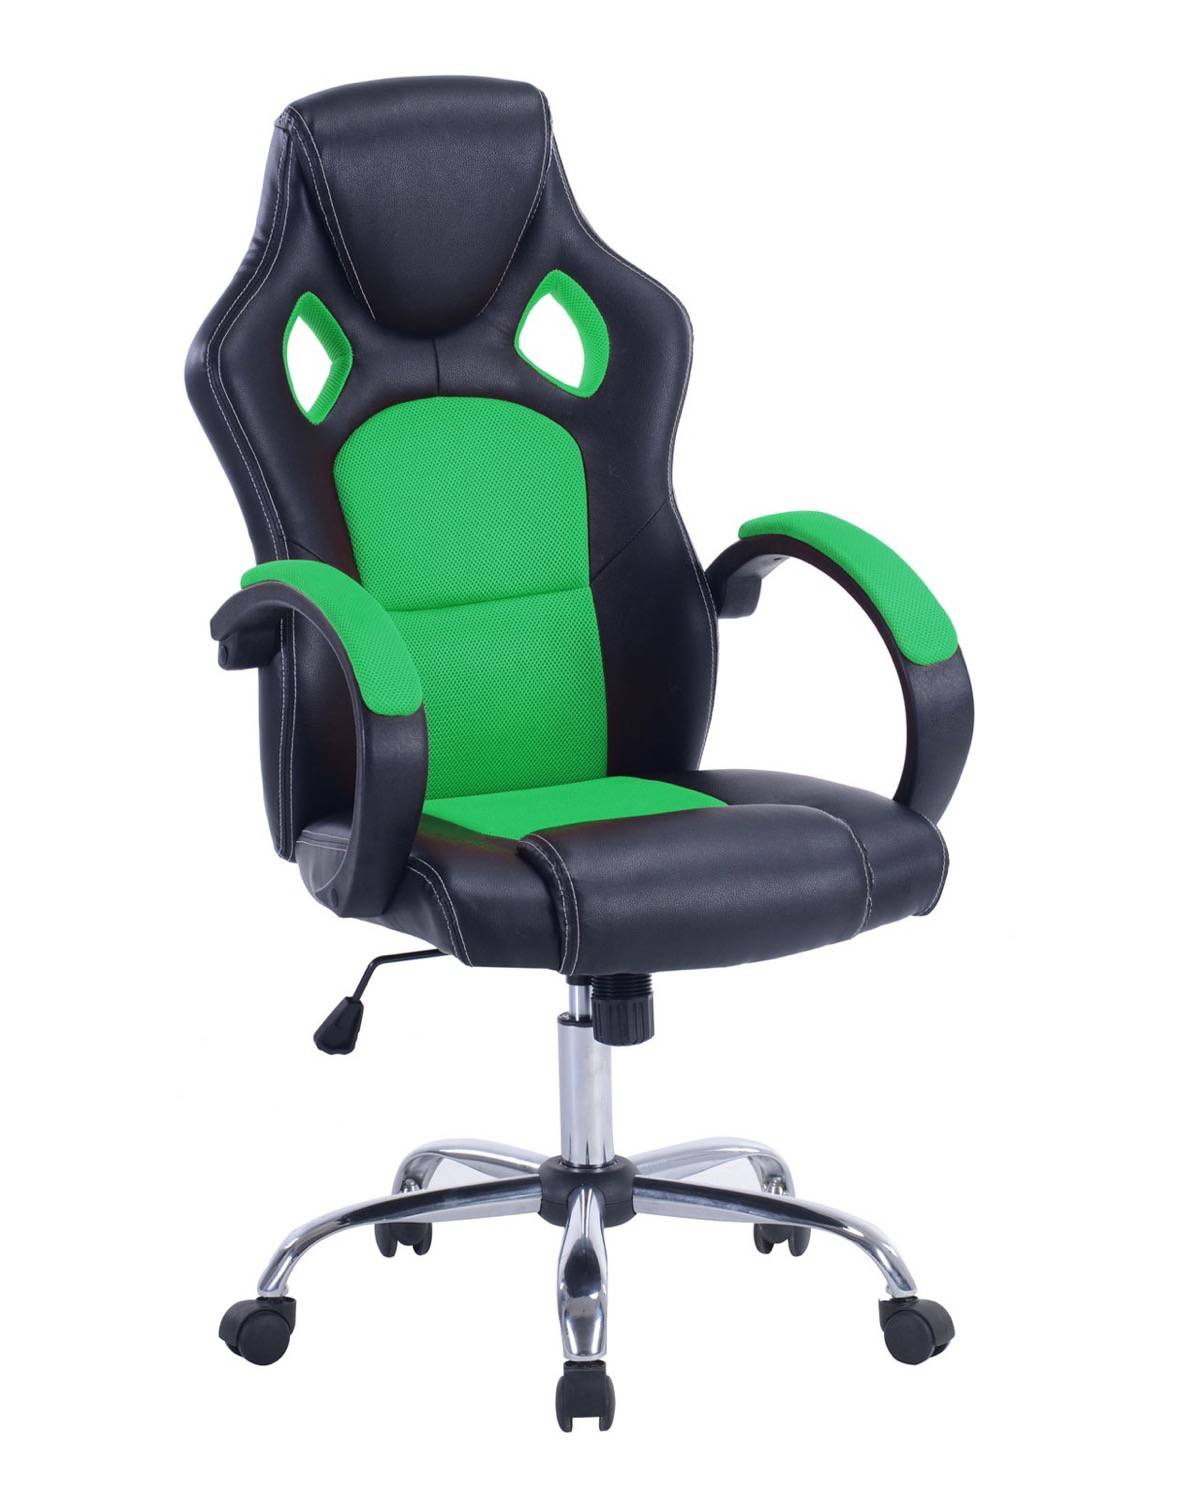 Fauteuil gamer les meilleurs chaises et si ges racing - Chaise de bureau racing ...